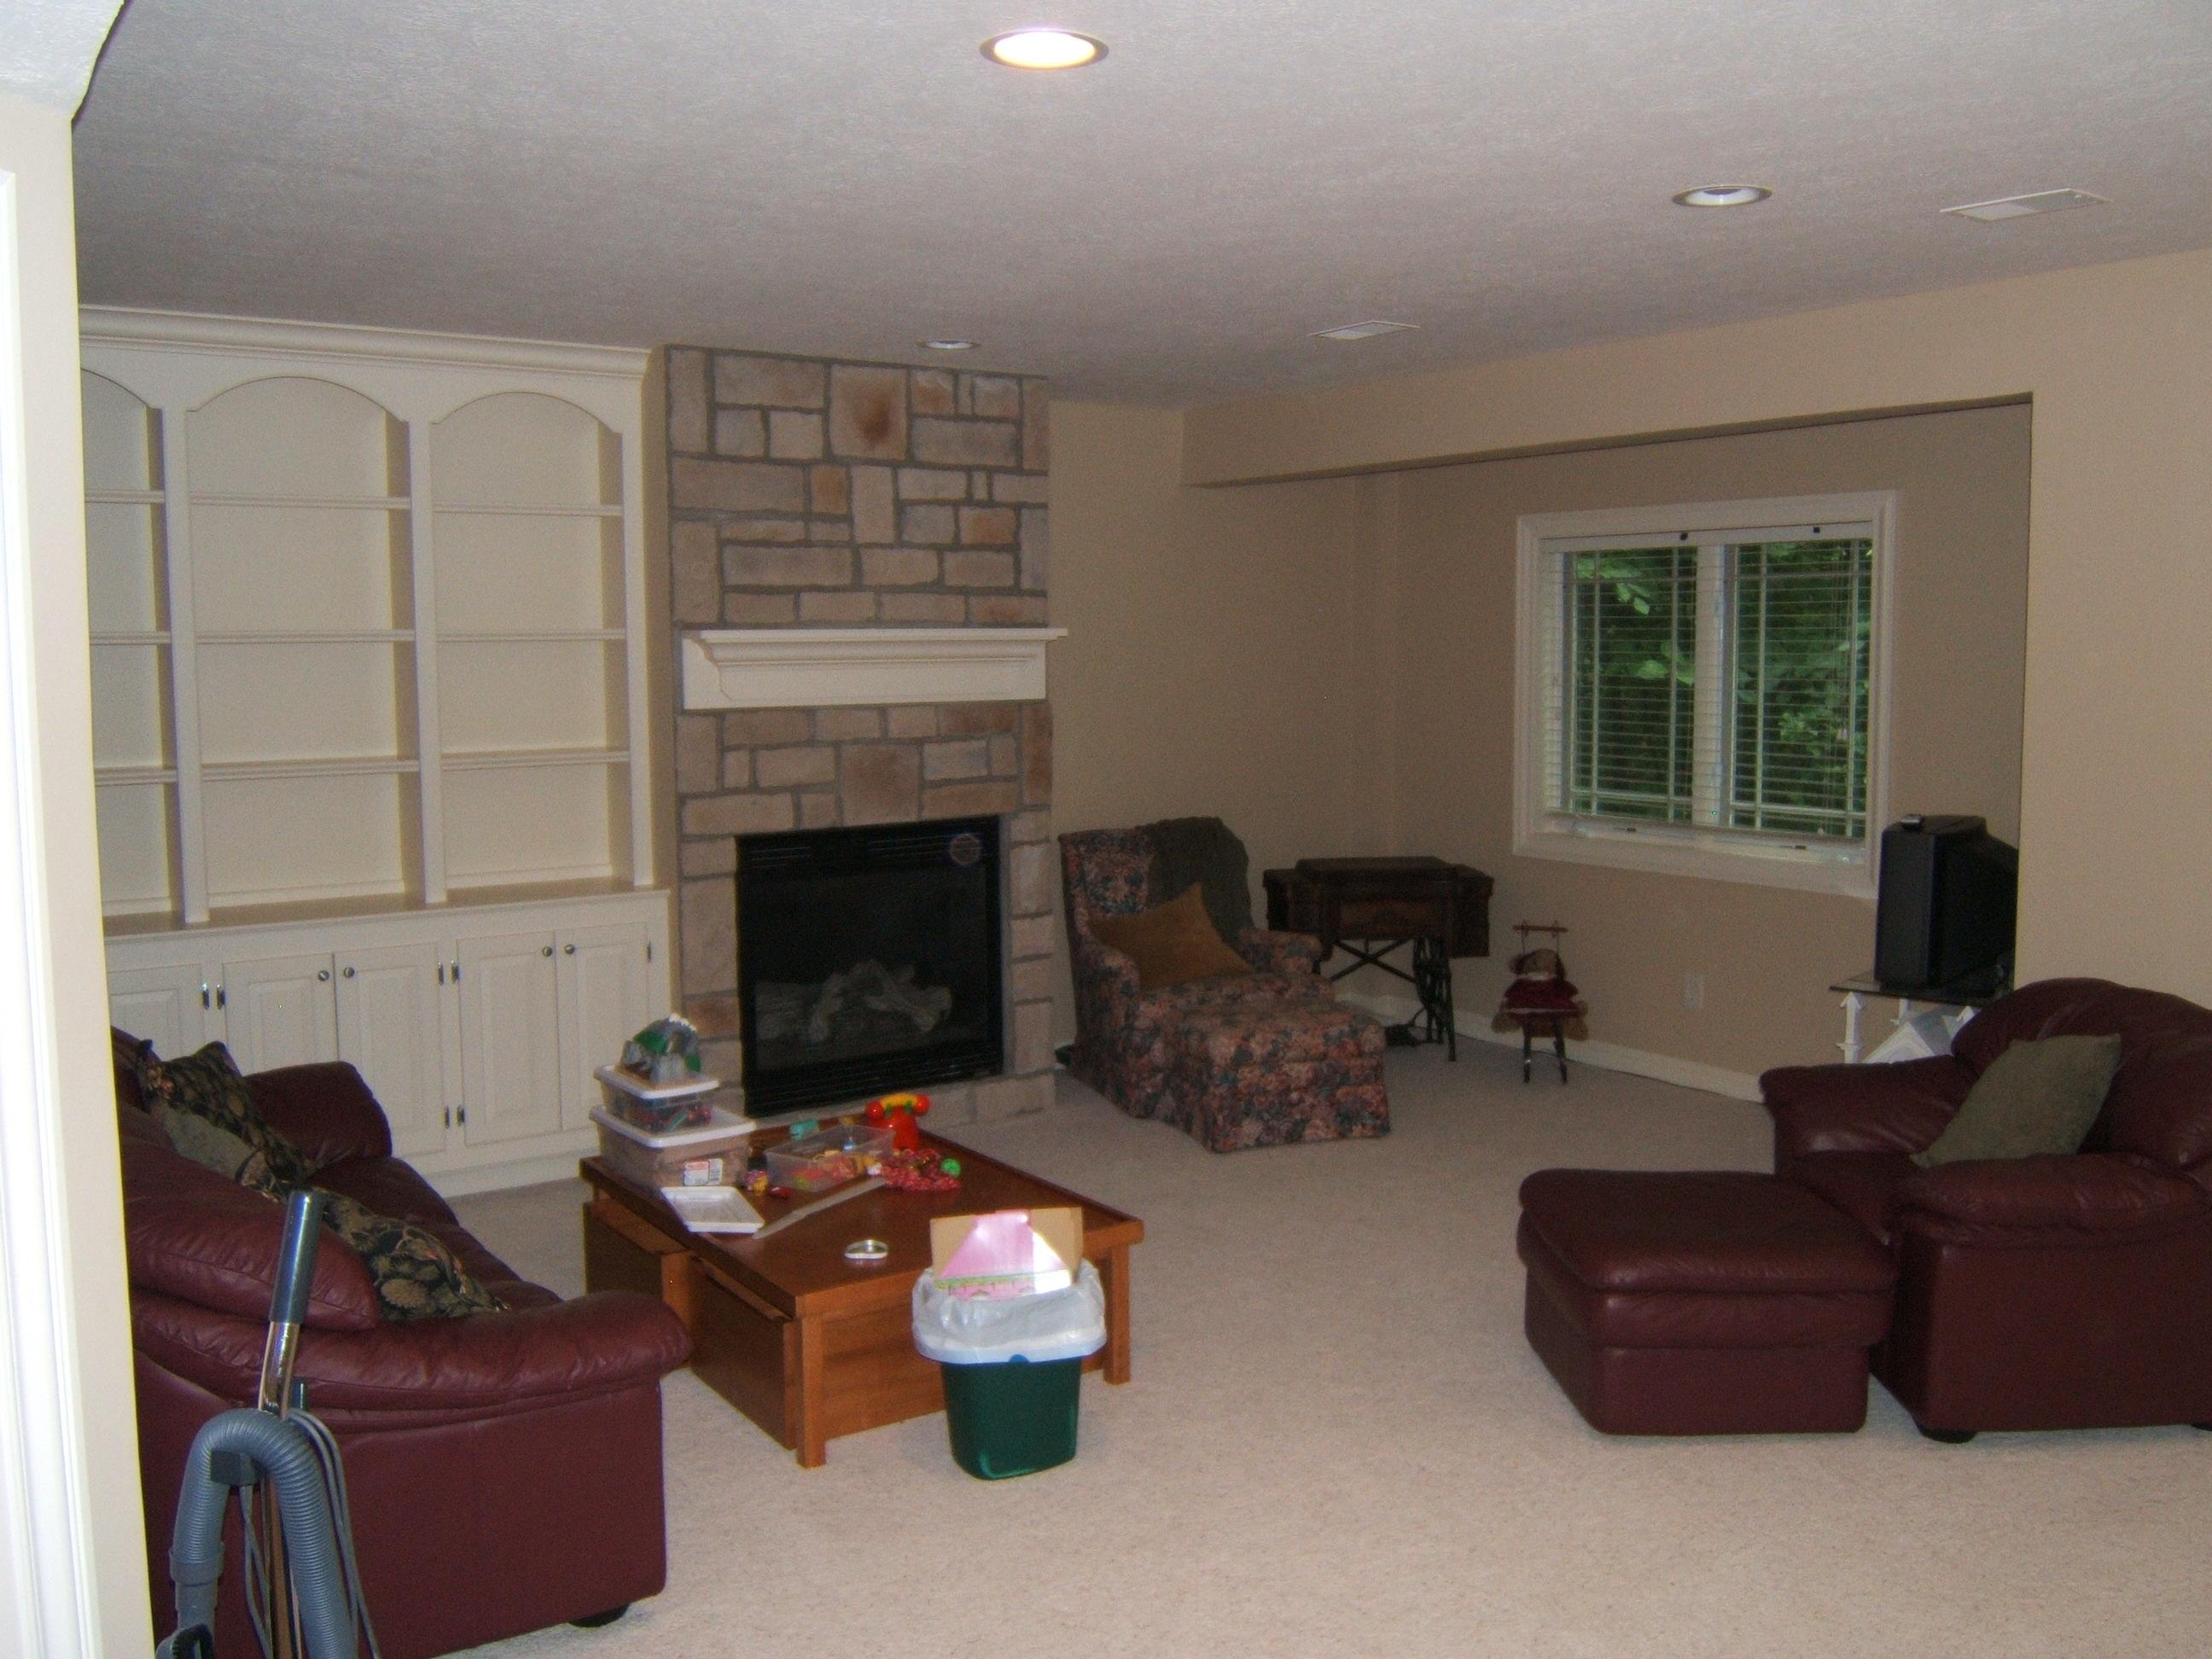 Basement Family Room Before 1. BEFORE